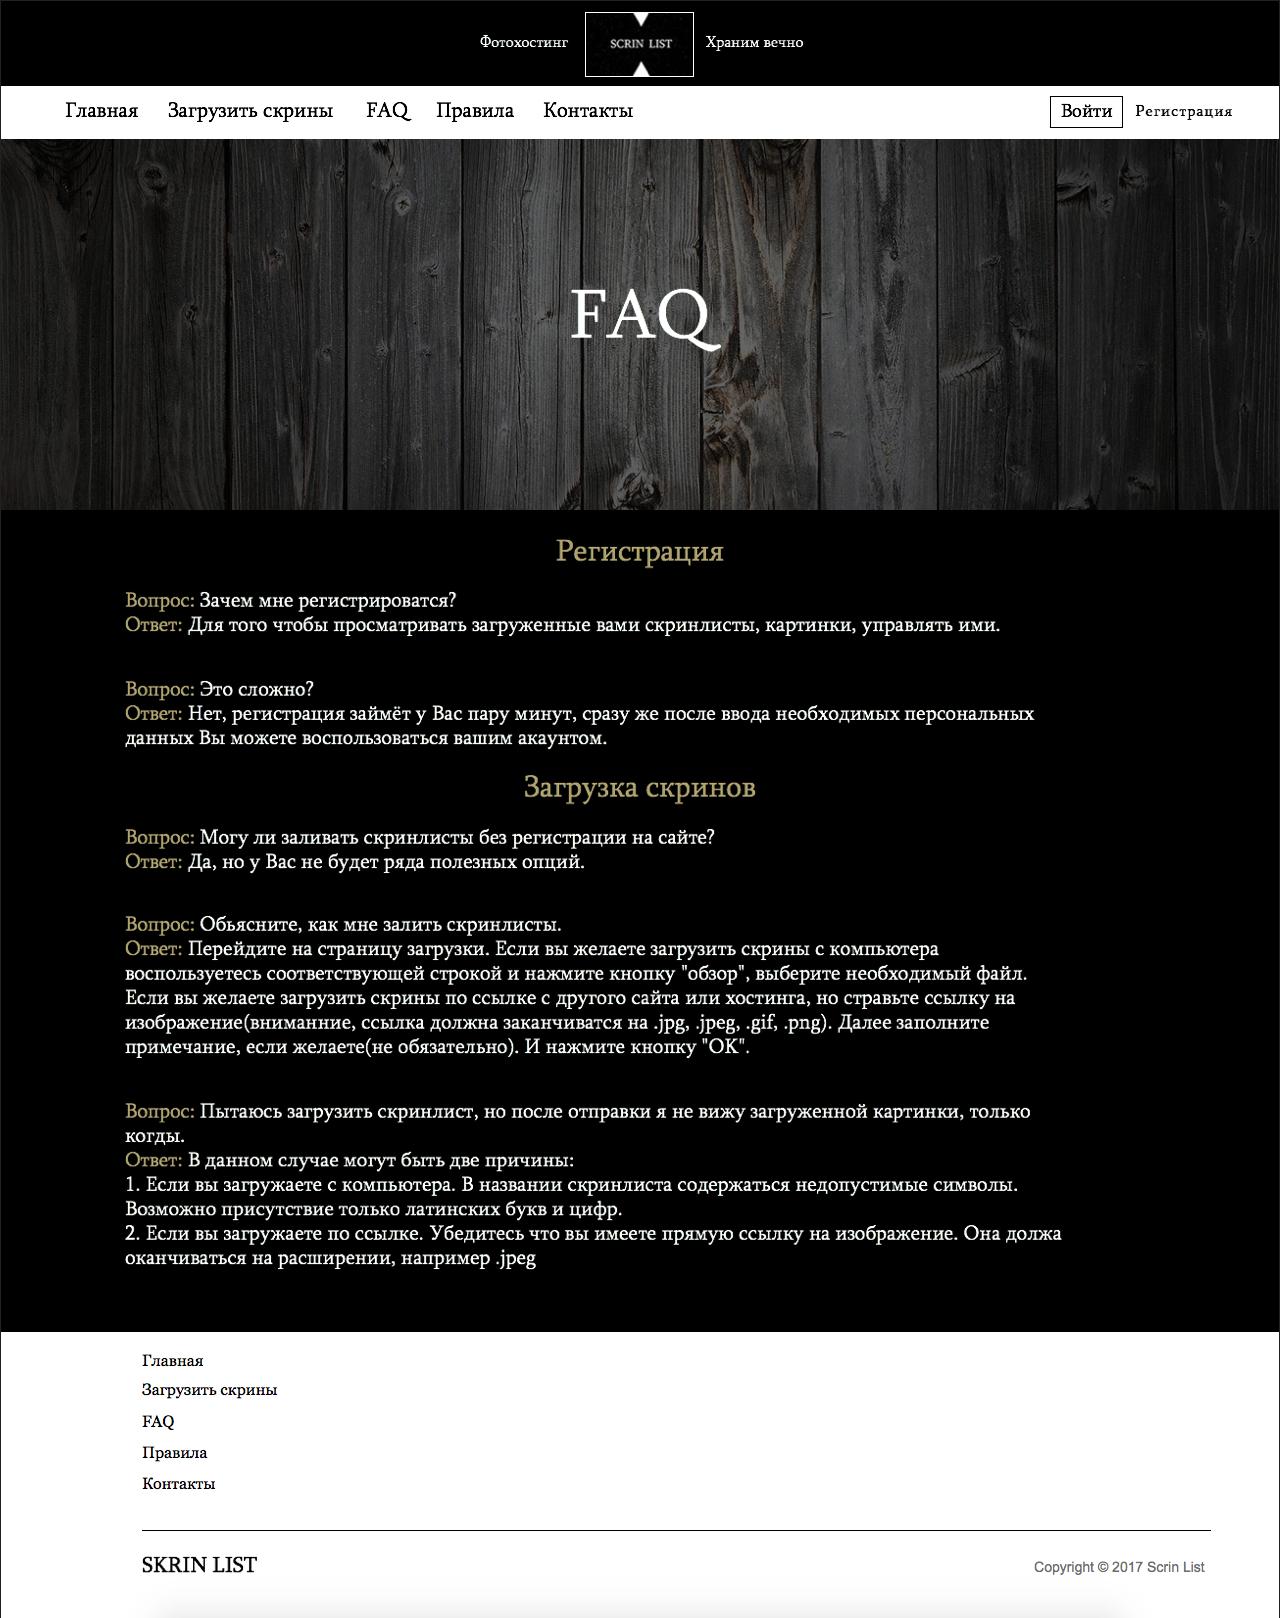 Безлимитный фотохостинг ScreenList.ru требует новый дизайн фото f_76759c7869399d89.png